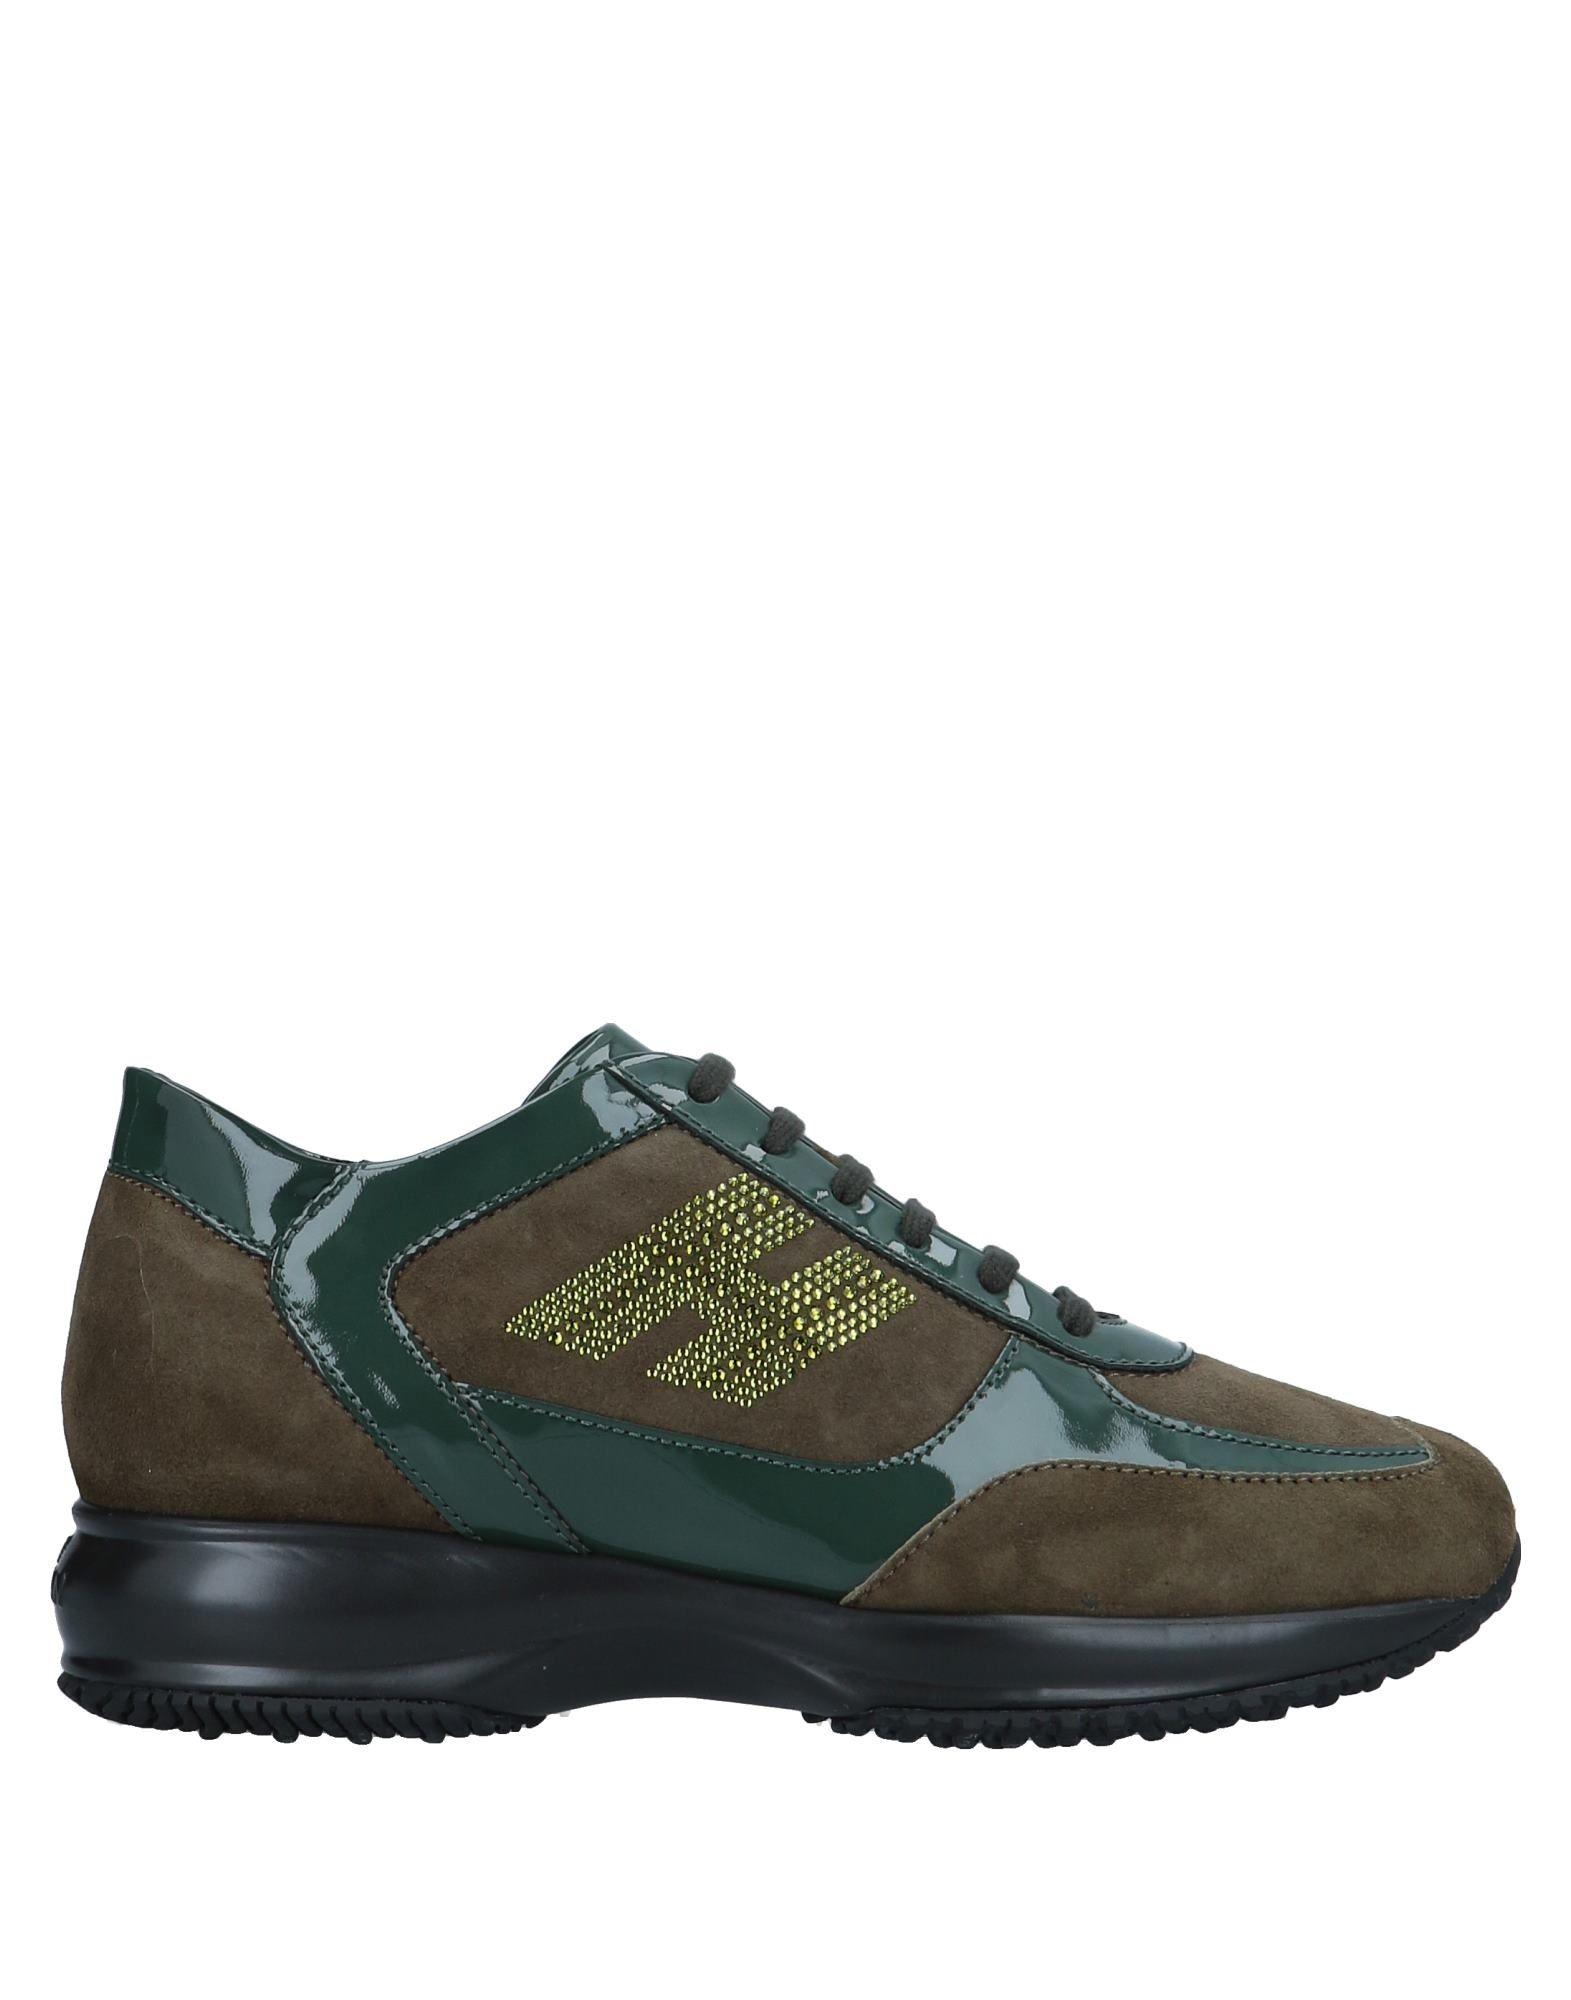 Hogan Sneakers - Women Hogan Sneakers online on 11567862EN  United Kingdom - 11567862EN on d6e276